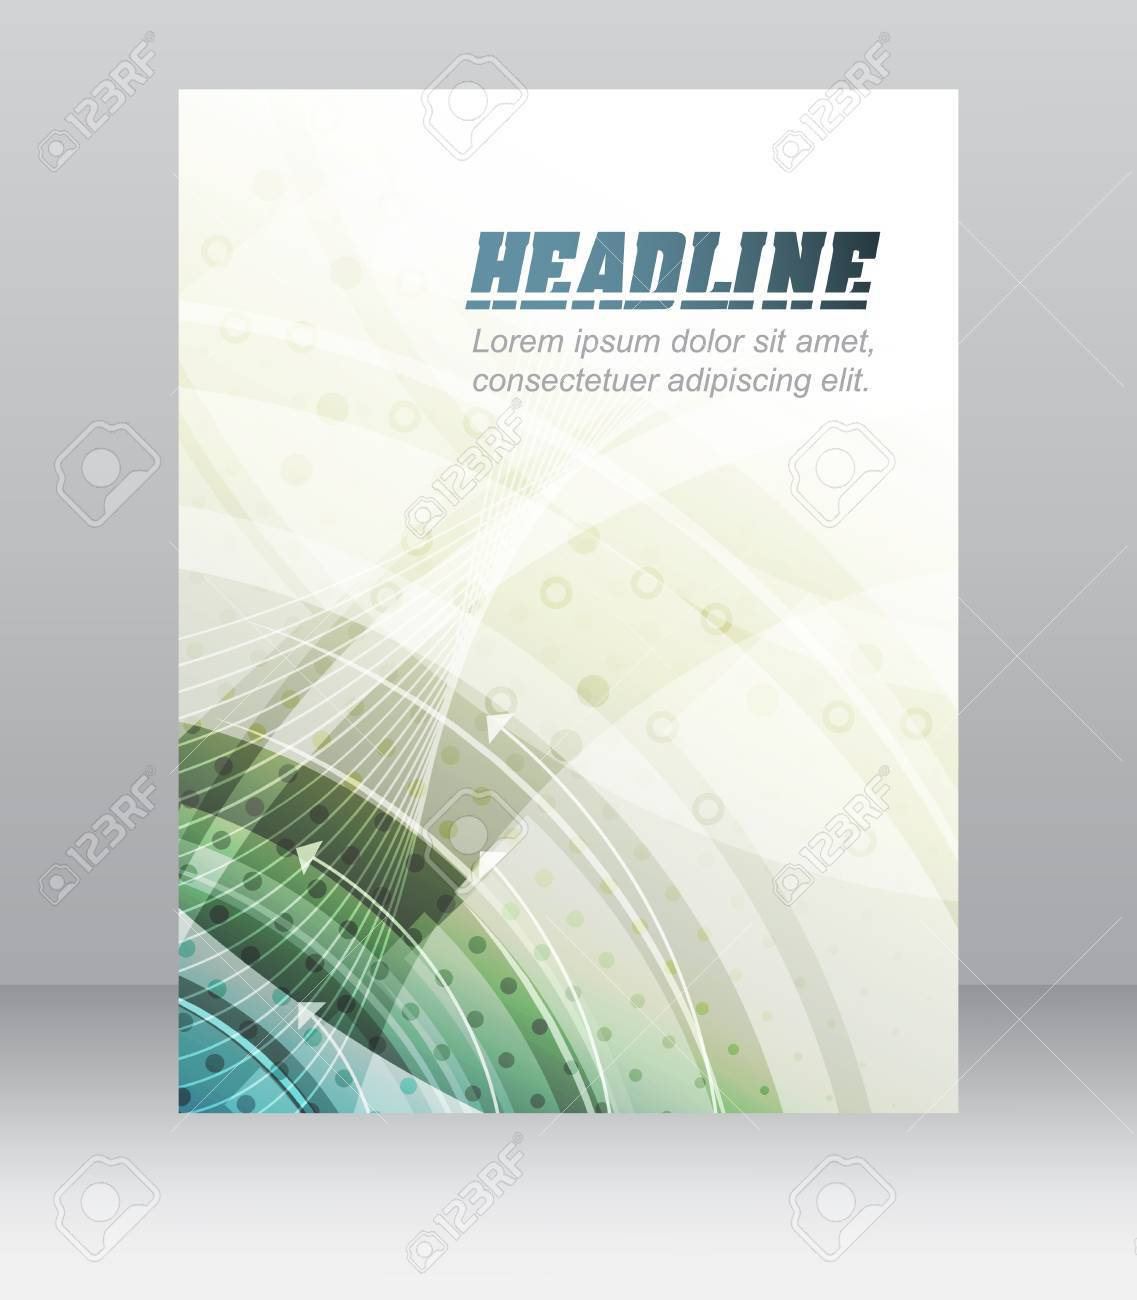 Modèle D Affaires Dépliant Brochure Conception De La Couverture Un Dossier Ou Bannière De L Entreprise Avec Une Structure Technologique